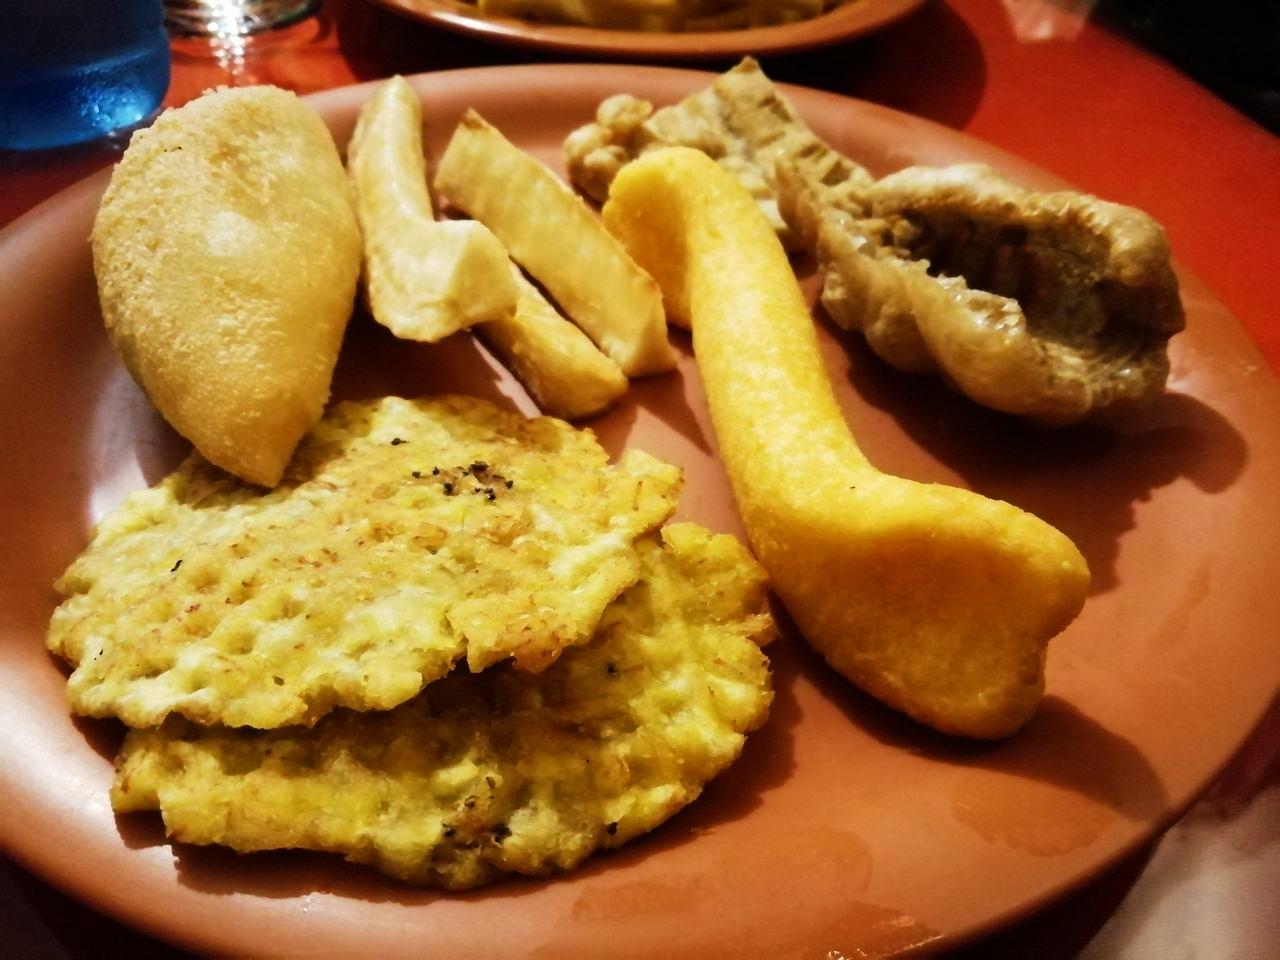 Surtido de picadas en El Trapiche, donde comer en Ciudad de Panamá barato.